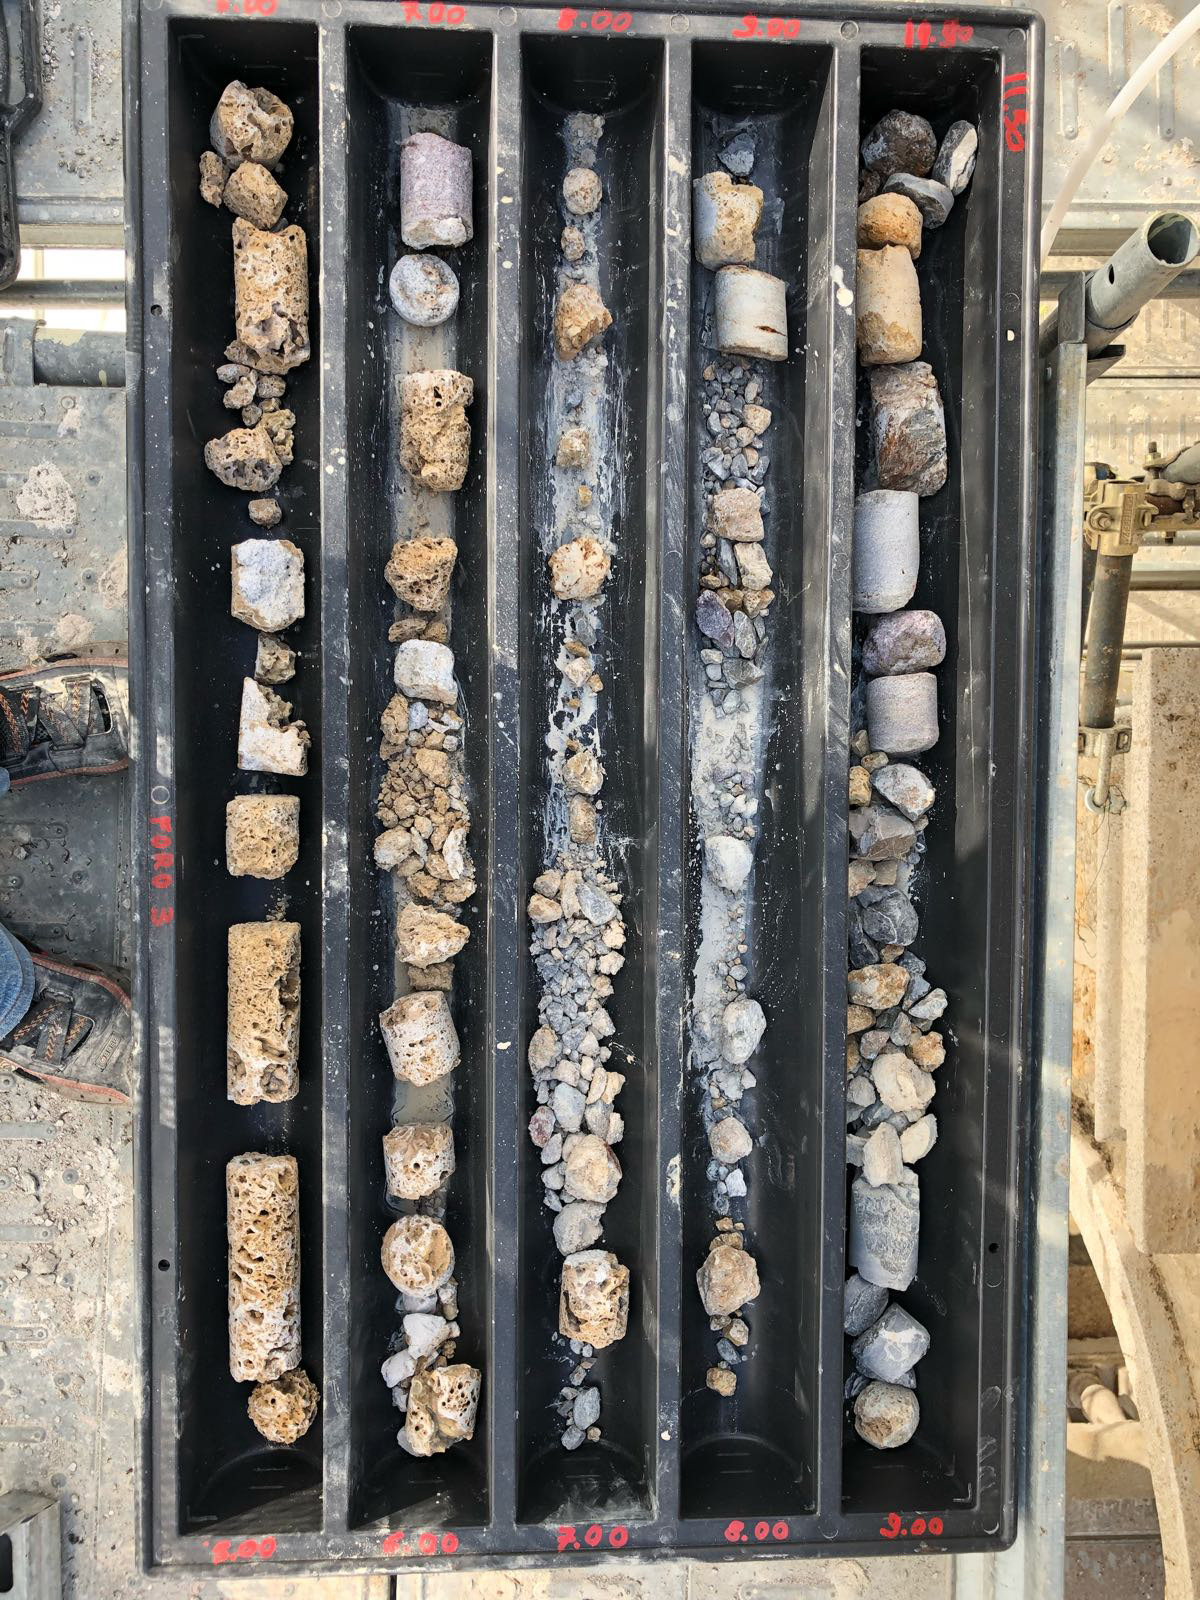 Perico-Renato-Valnegra (BG) - Campanile - Consolidamento e restauro 12